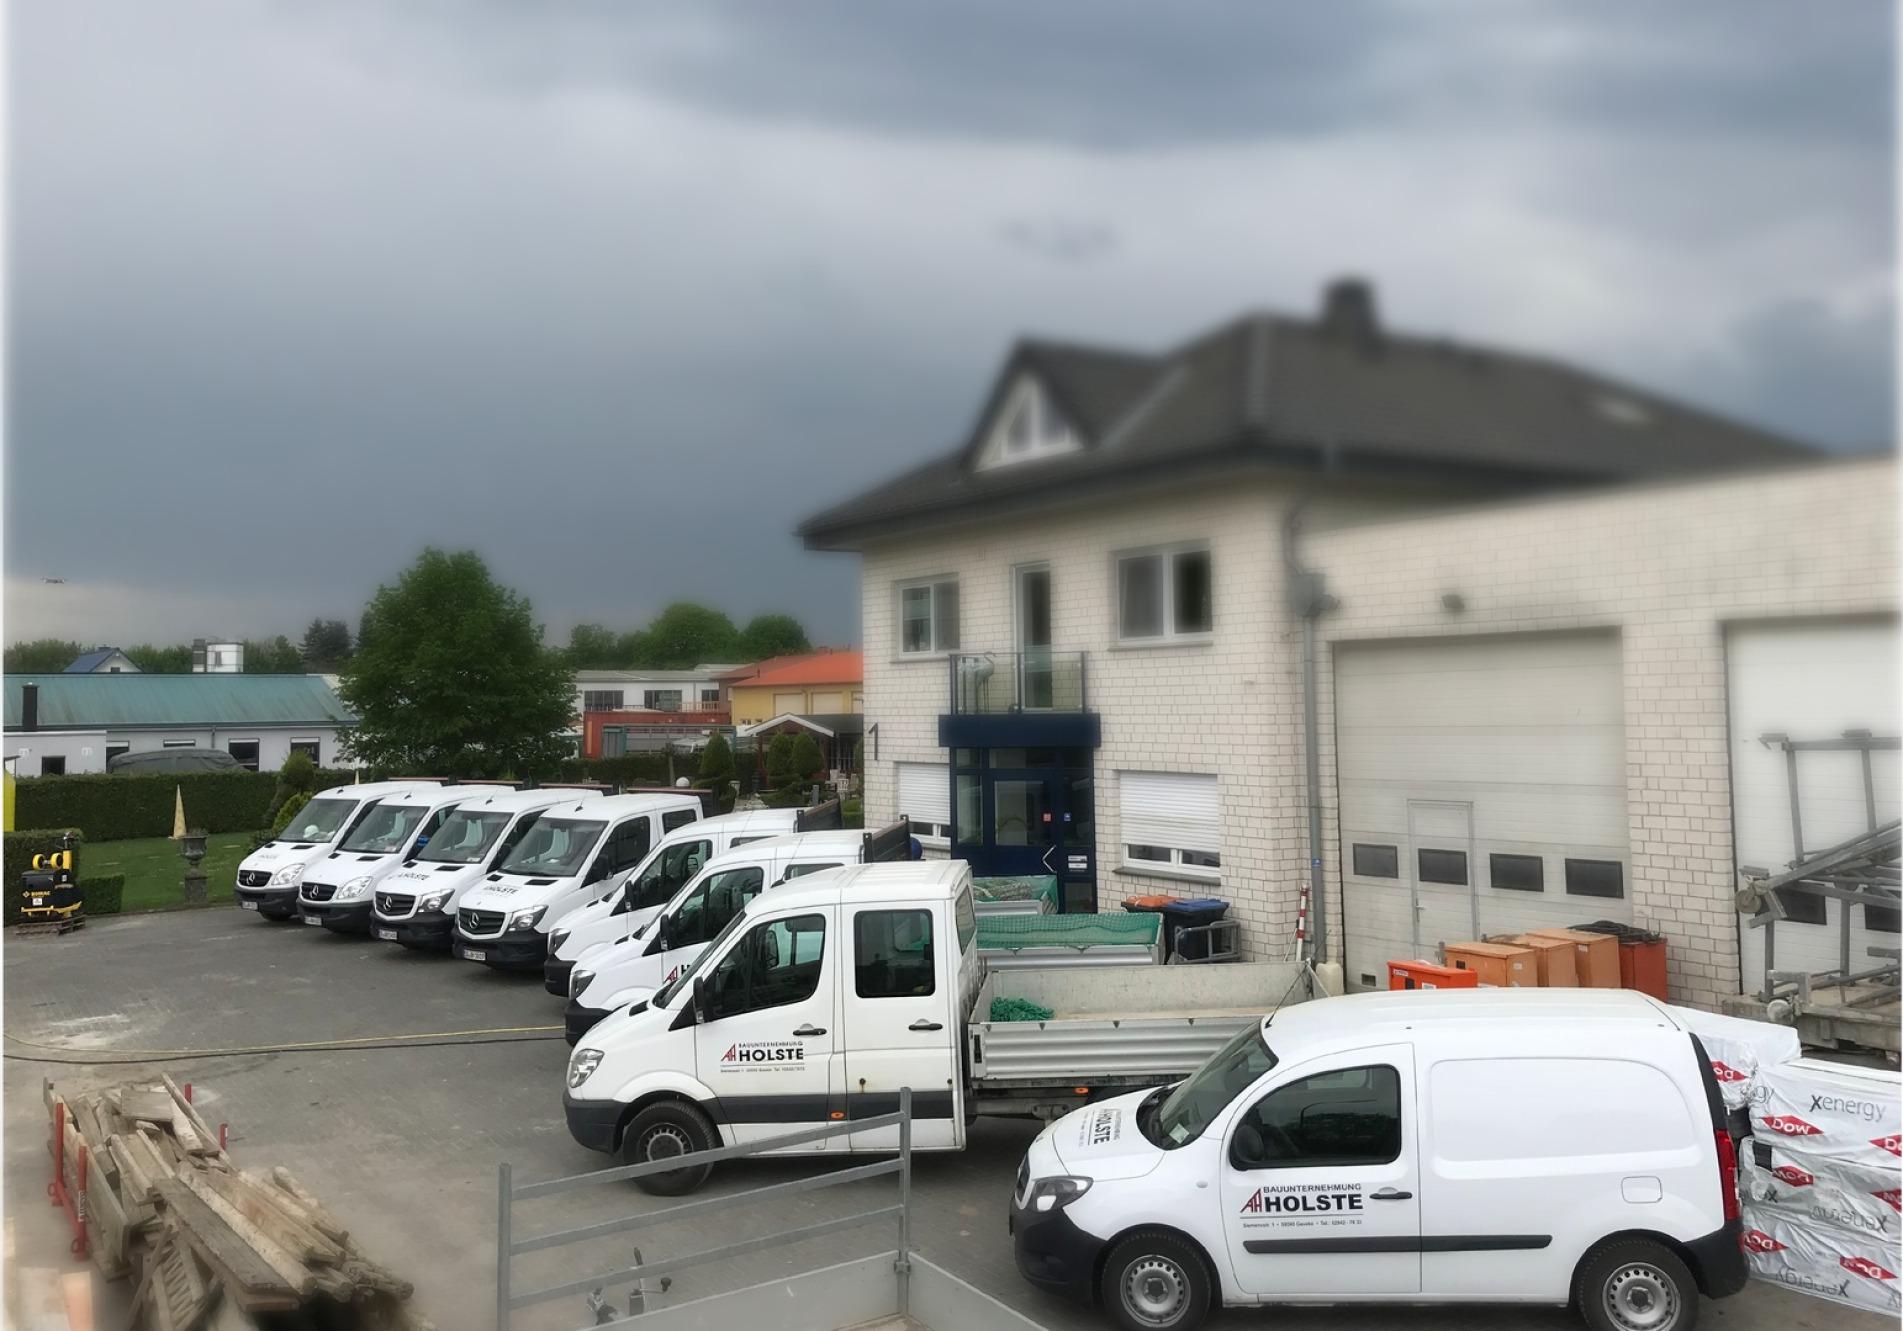 Bauunternehmen Lippstadt andreas holste bauunternehmung unternehmen